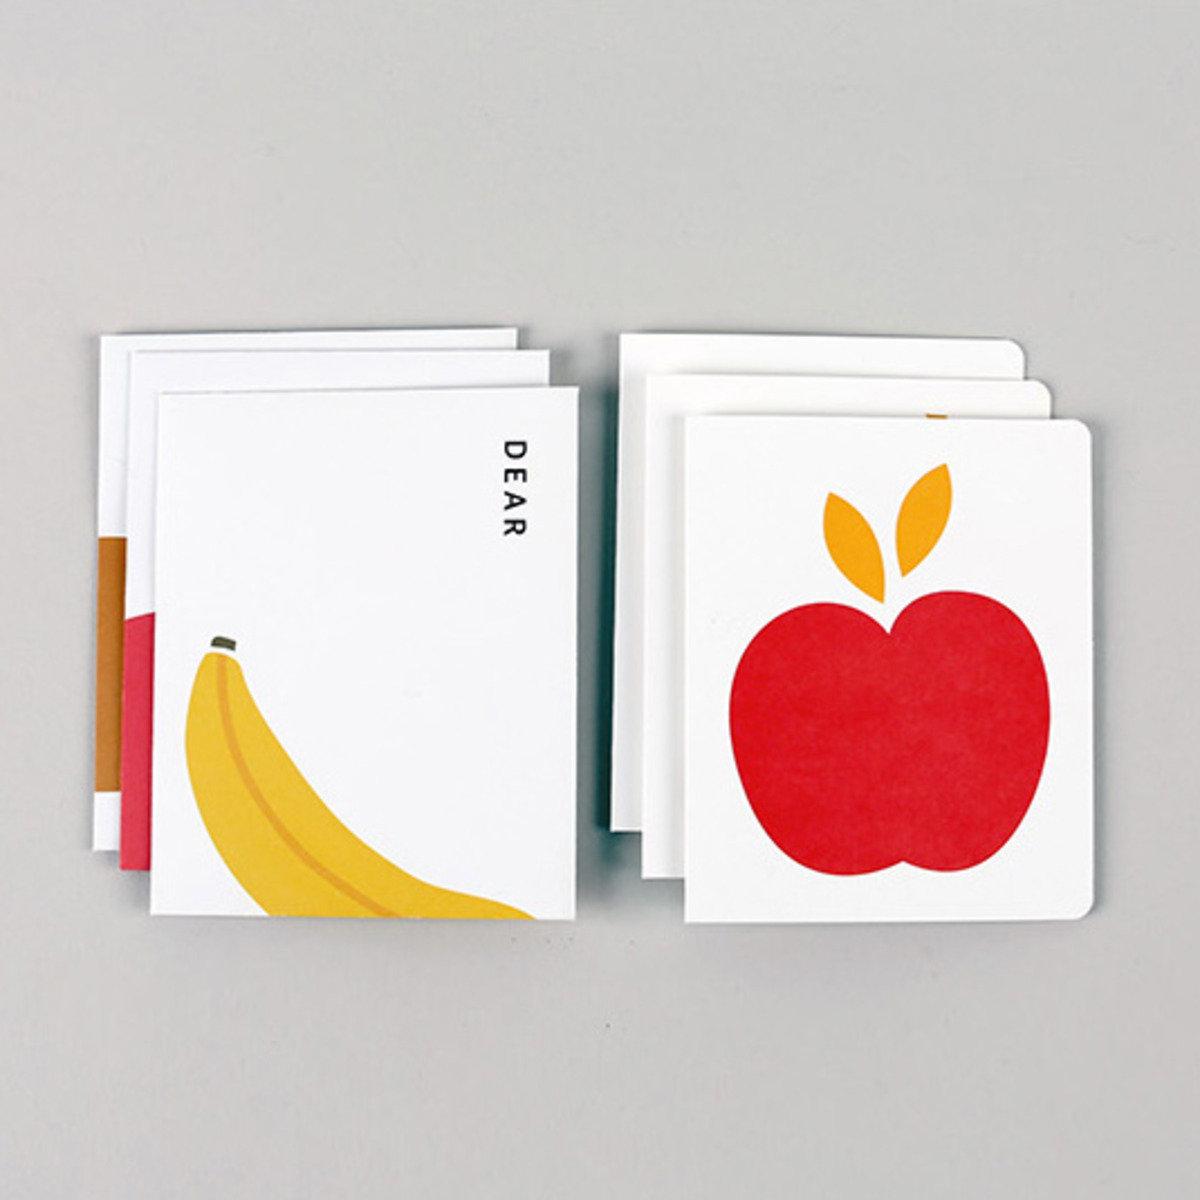 卡,信封,小卡套裝 07 Fruits_nacoo_16962